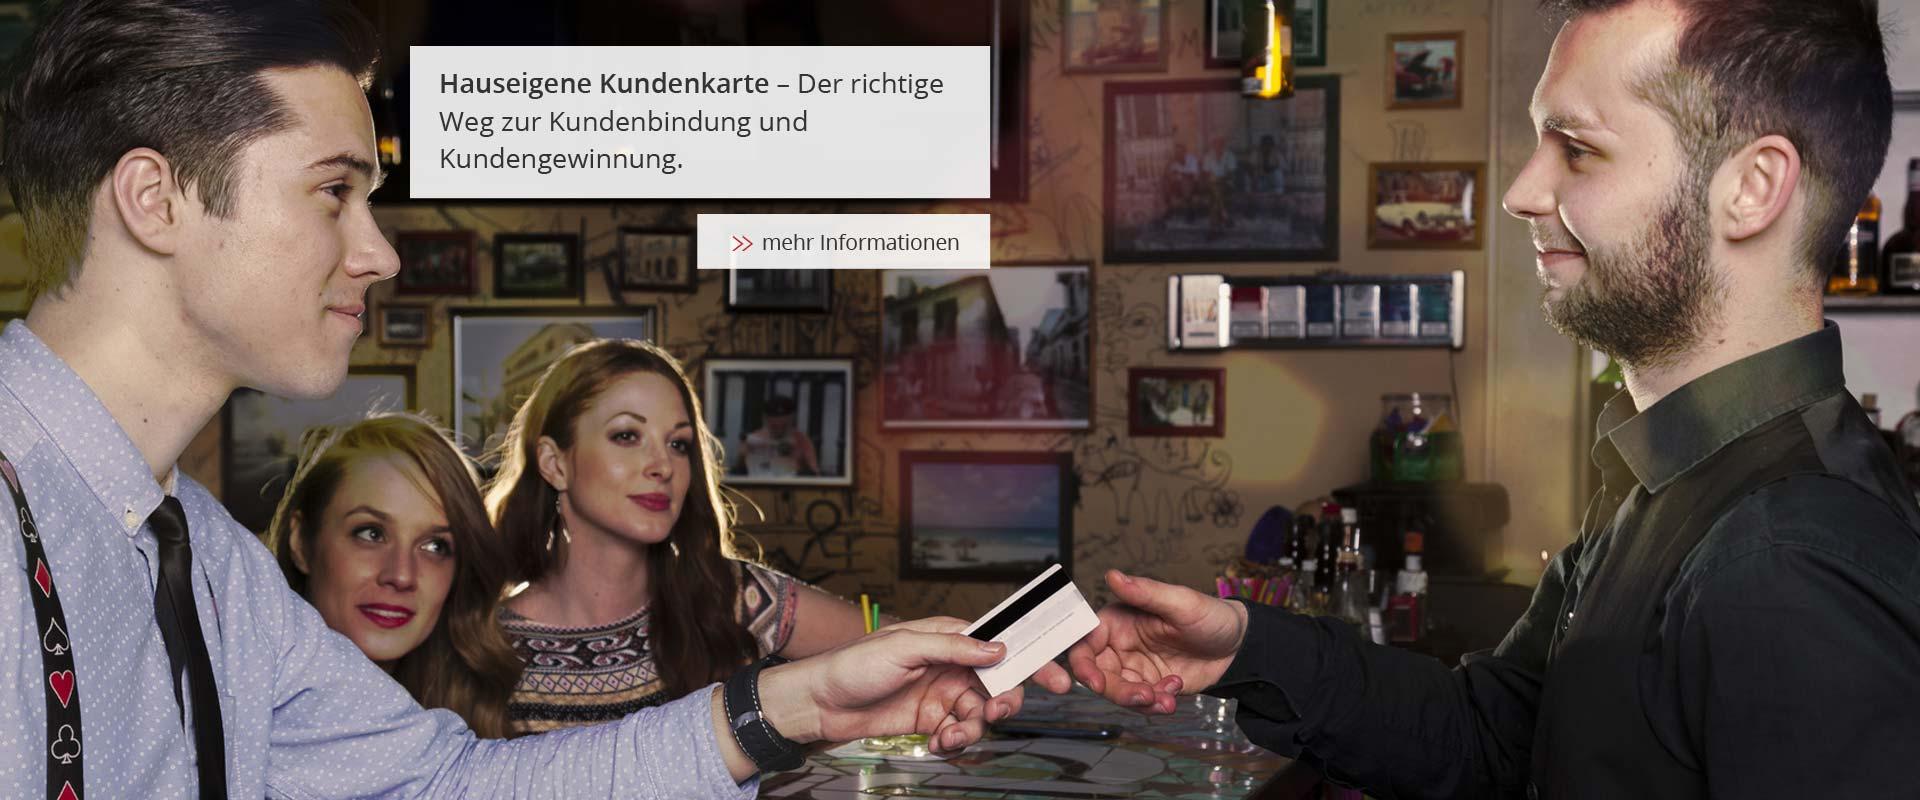 hauseigene-kundenkarte-bei-jatel24